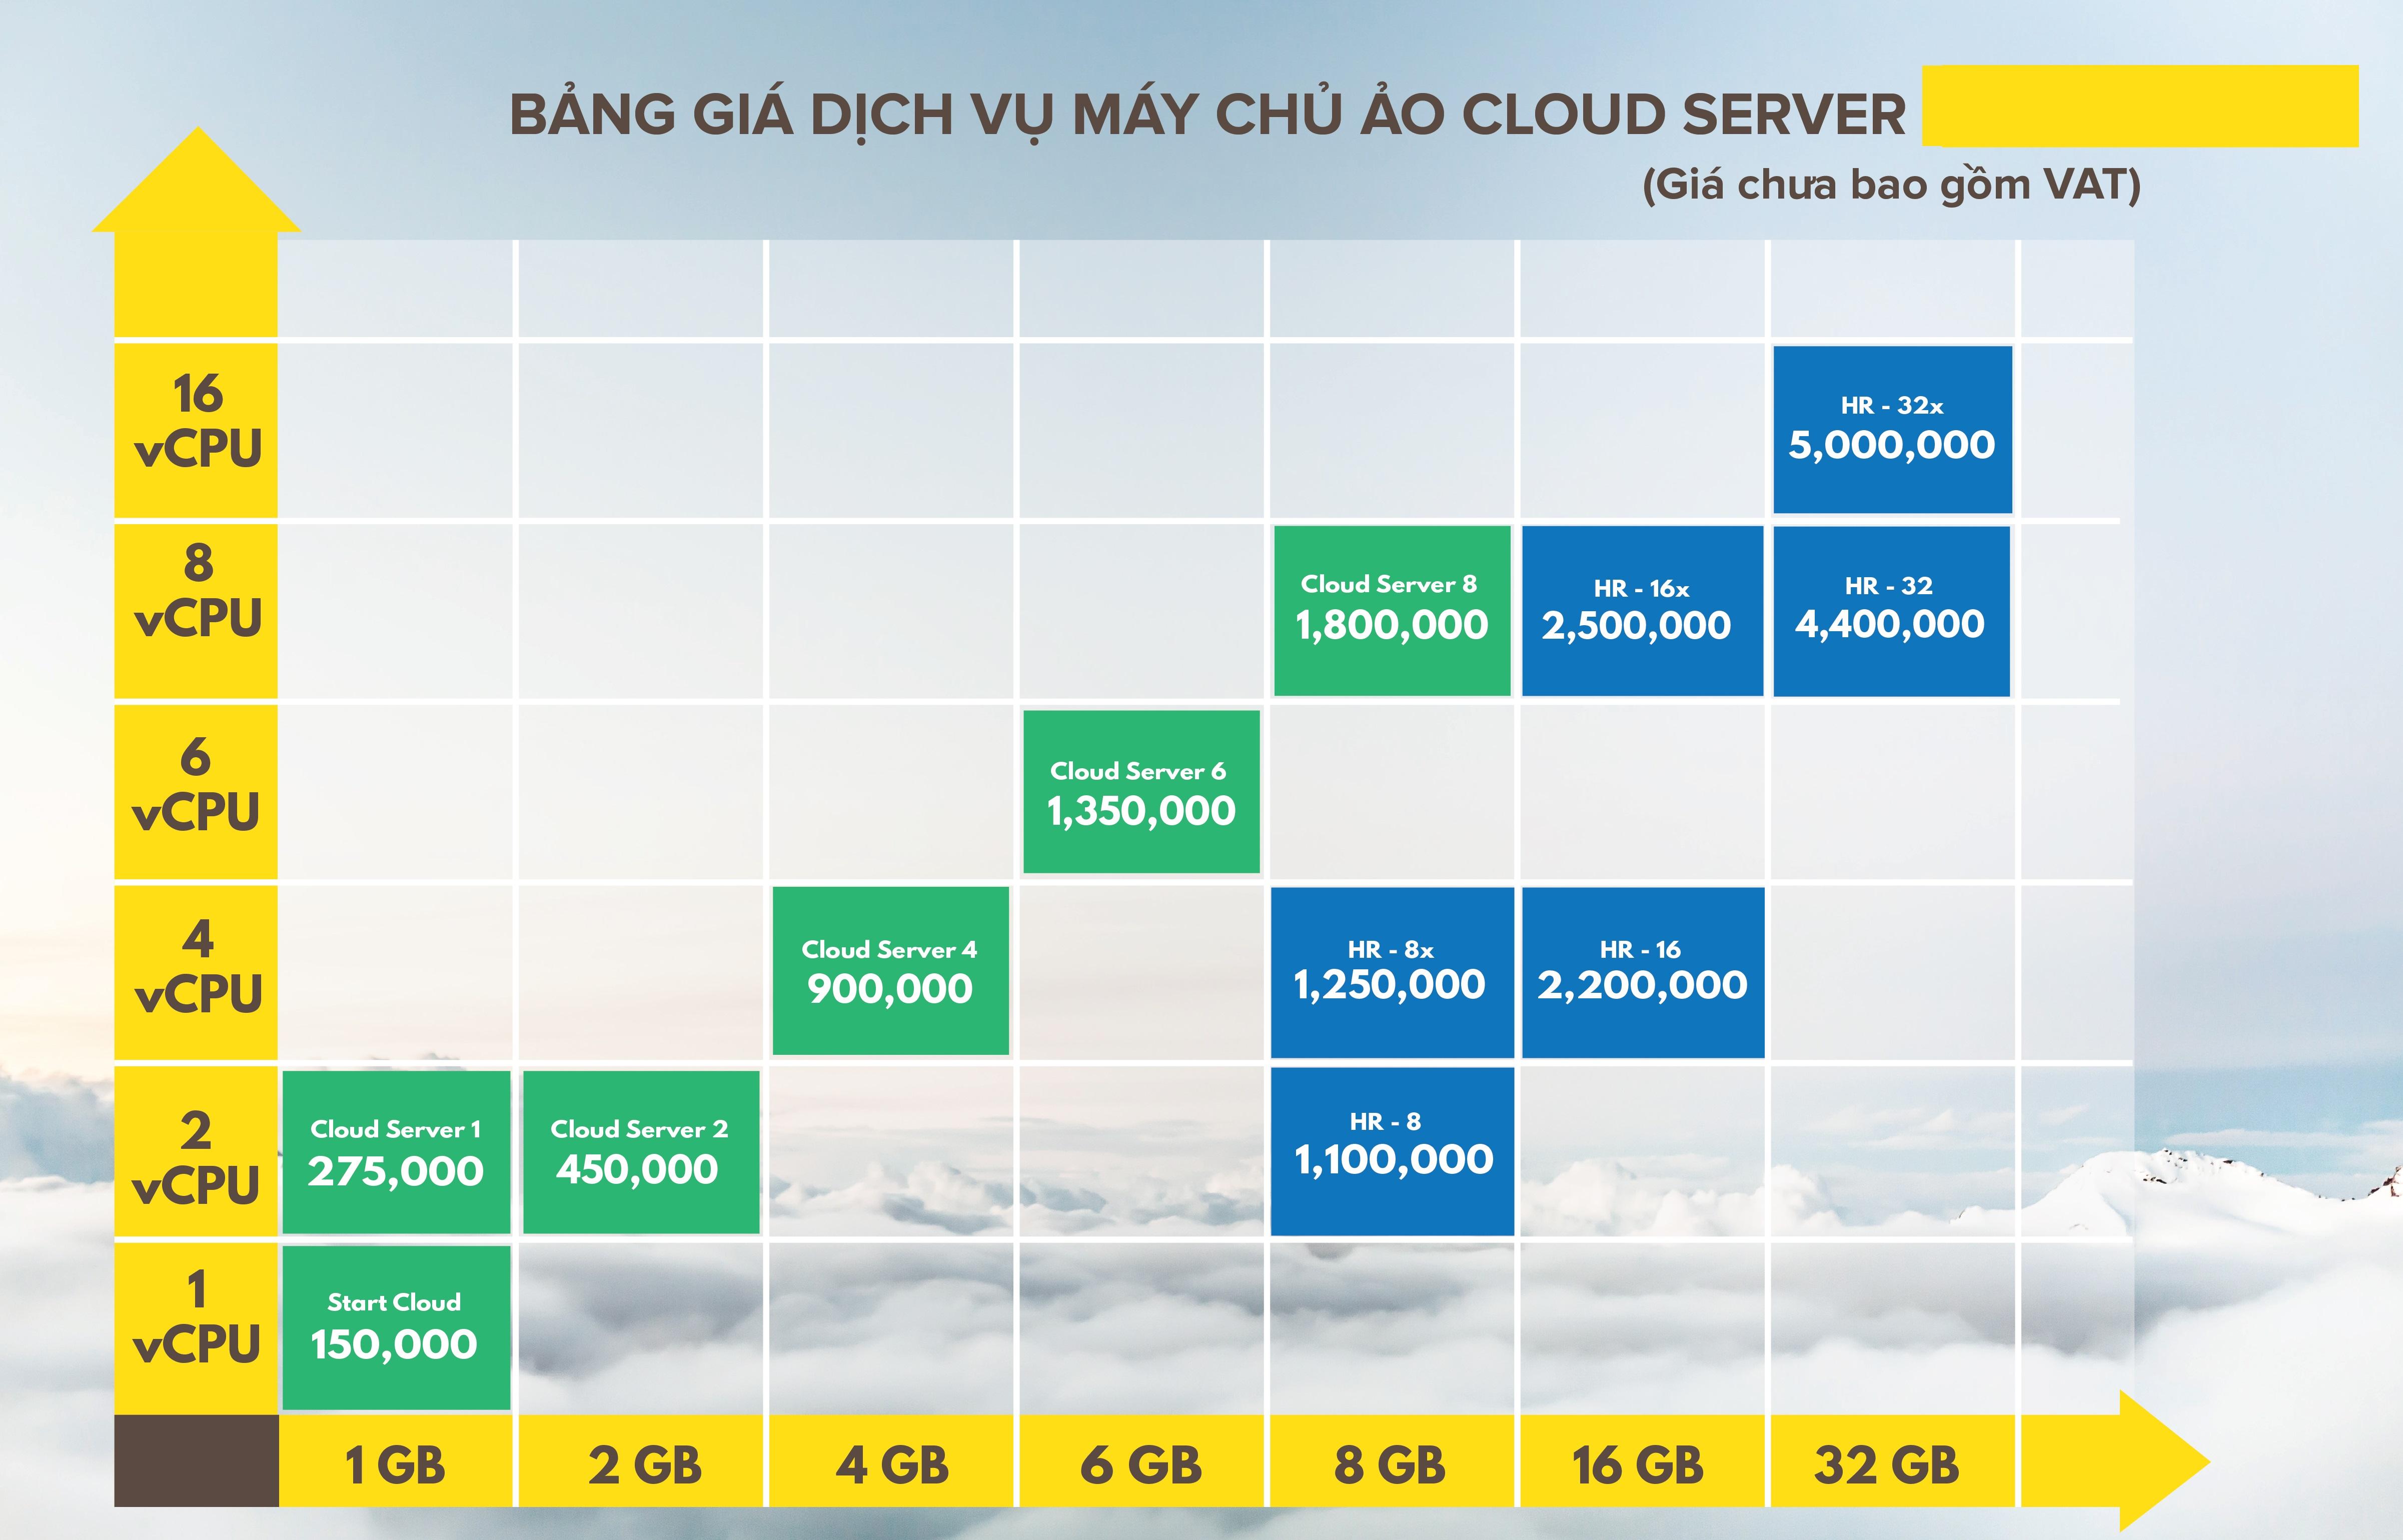 Bảng giá dịch vụ máy chủ ảo Cloud Server